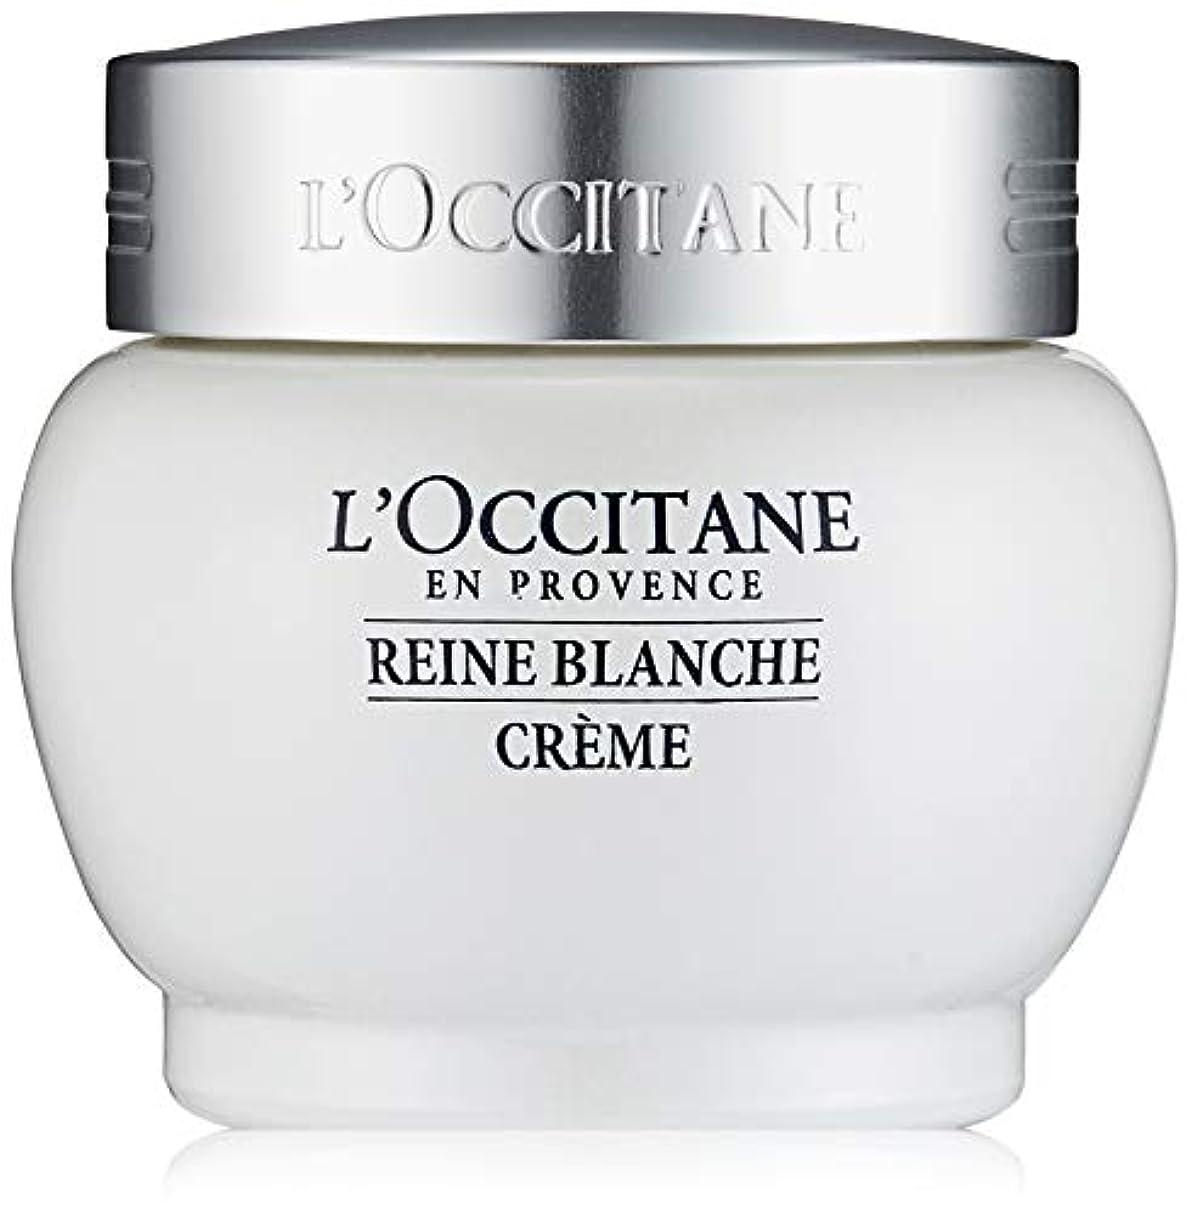 慢性的文明化協会ロクシタン(L'OCCITANE) レーヌブランシュ ホワイトインフュージョンジェルクリーム 50ml